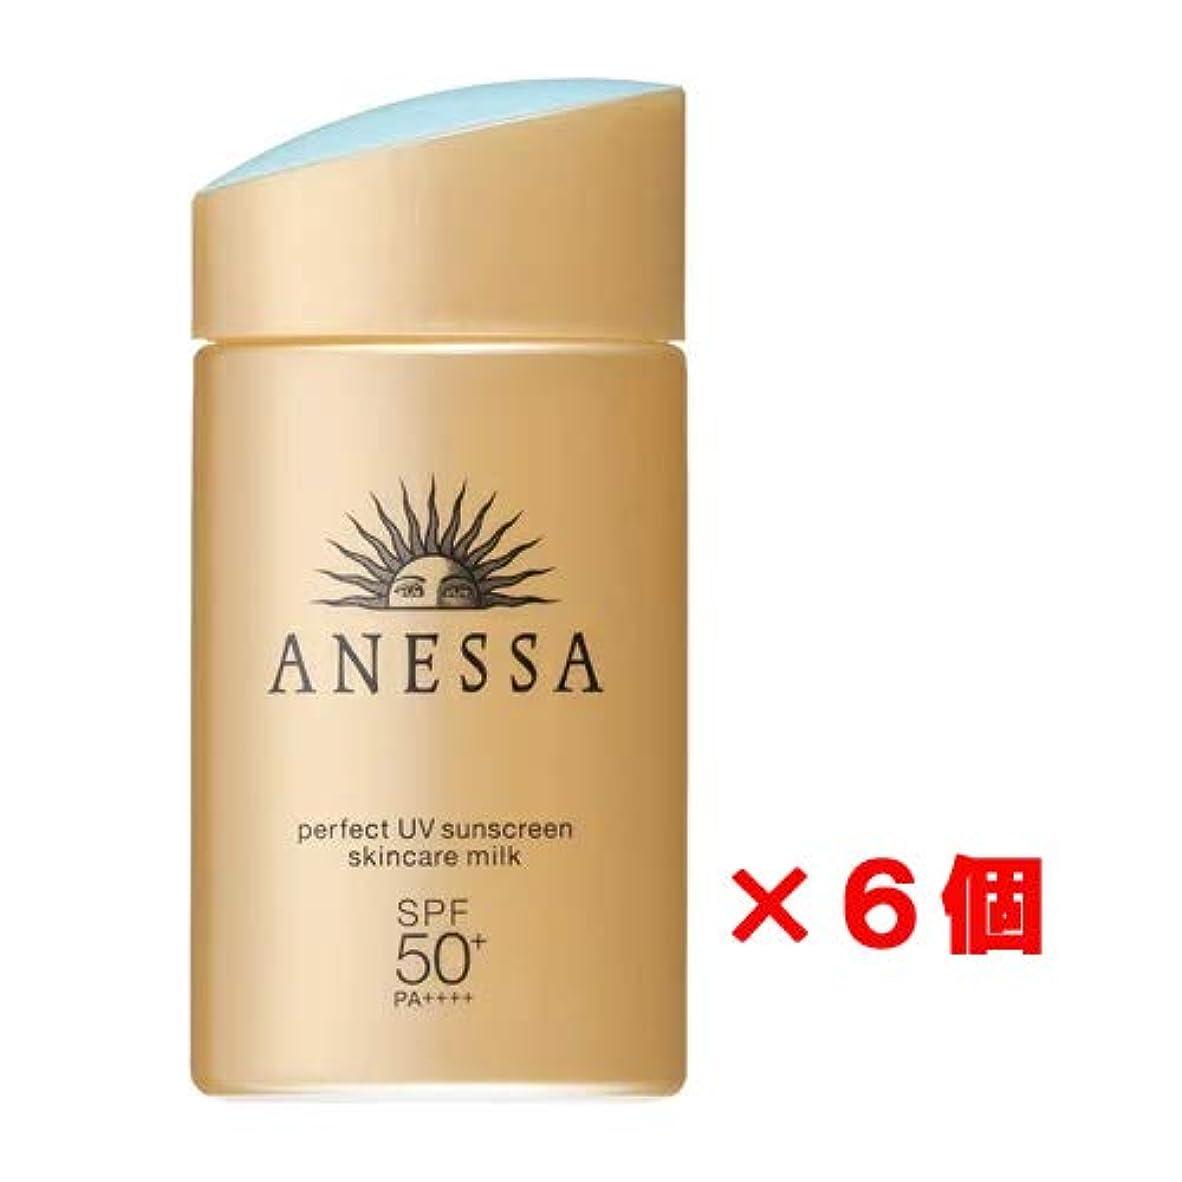 形式フロー構成員アネッサ パーフェクトUV スキンケアミルク SPF50+/PA++++ 60mL ×6個セット